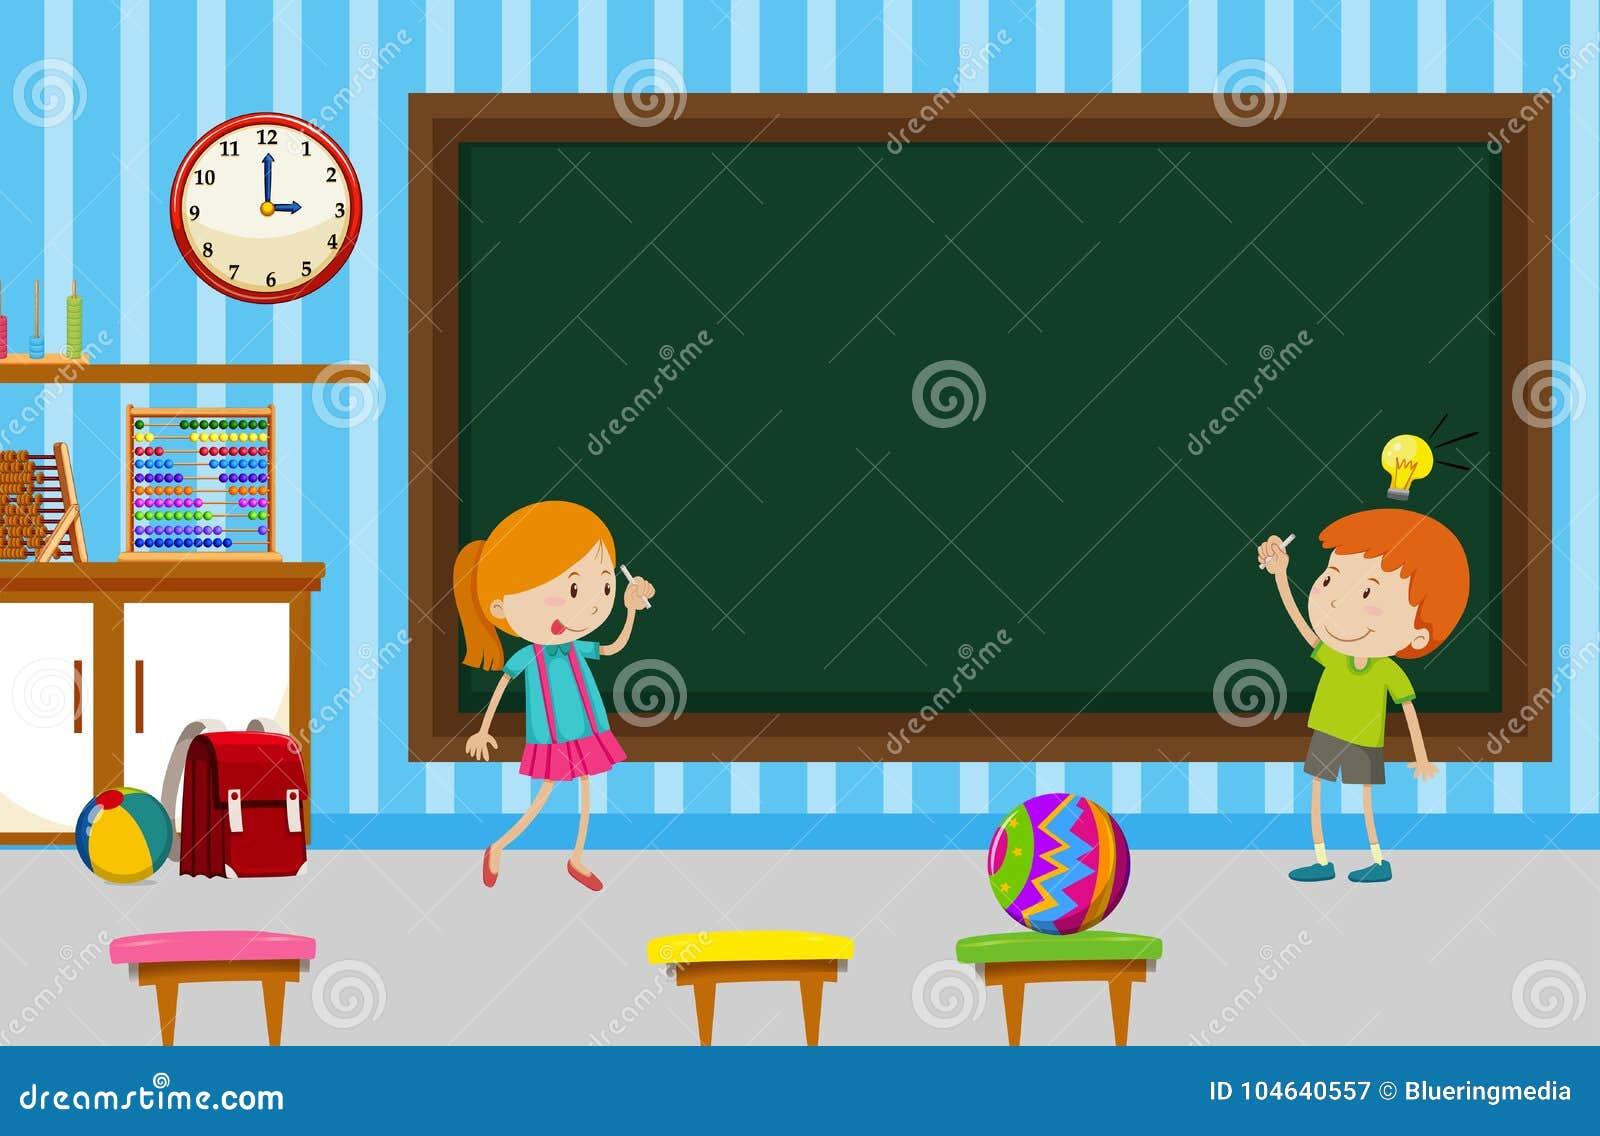 Download Jongen En Meisje Die Op Bord In Klaslokaal Schrijven Vector Illustratie - Illustratie bestaande uit kinderjaren, klasse: 104640557